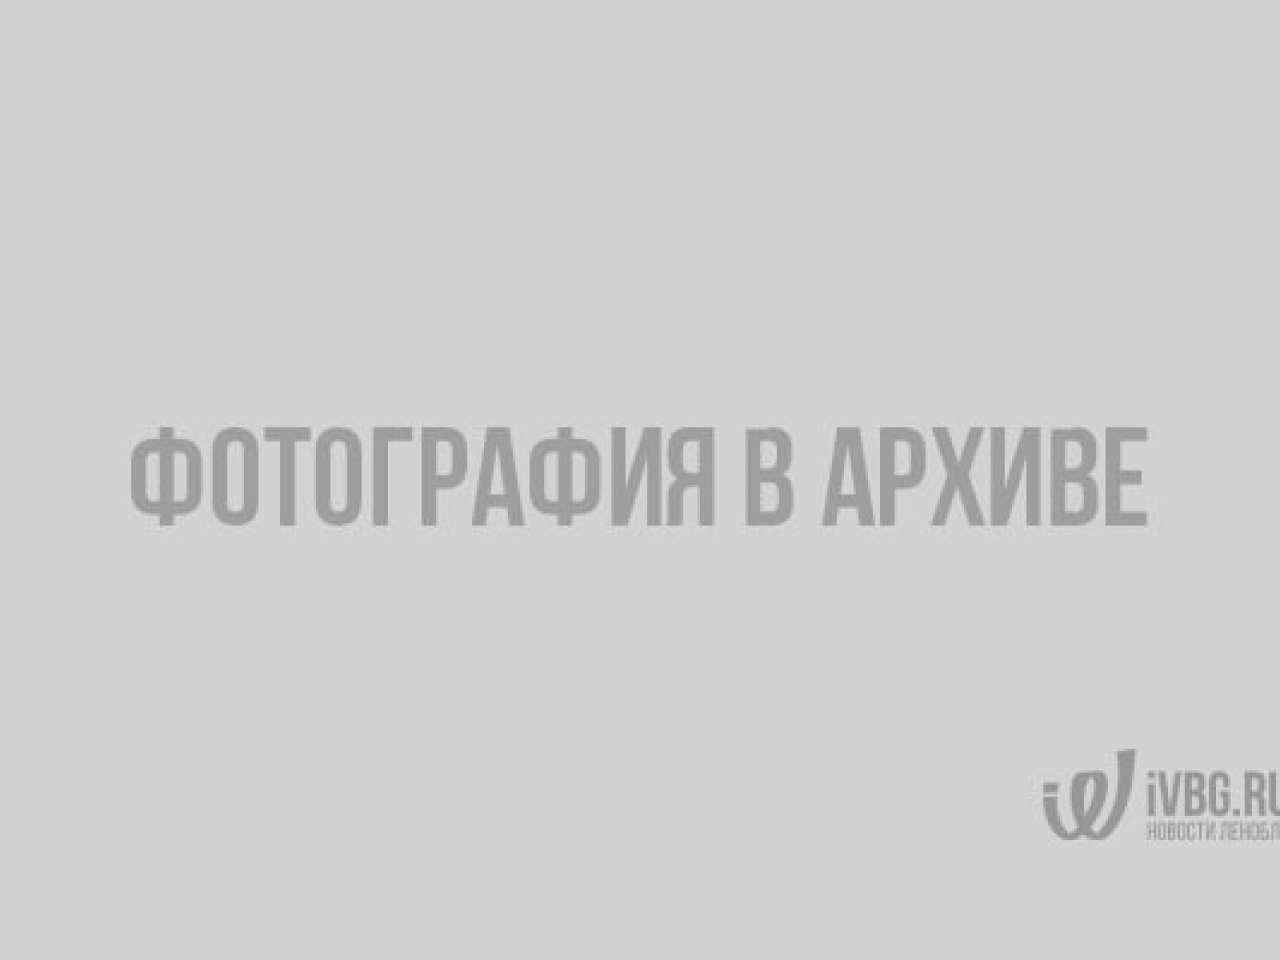 Фото: дорожники ликвидируют нелегальный съезд в Гатчинском районе незаконные съезды, Ленобласть, ГКУ «Ленавтодор», Гатчинский район